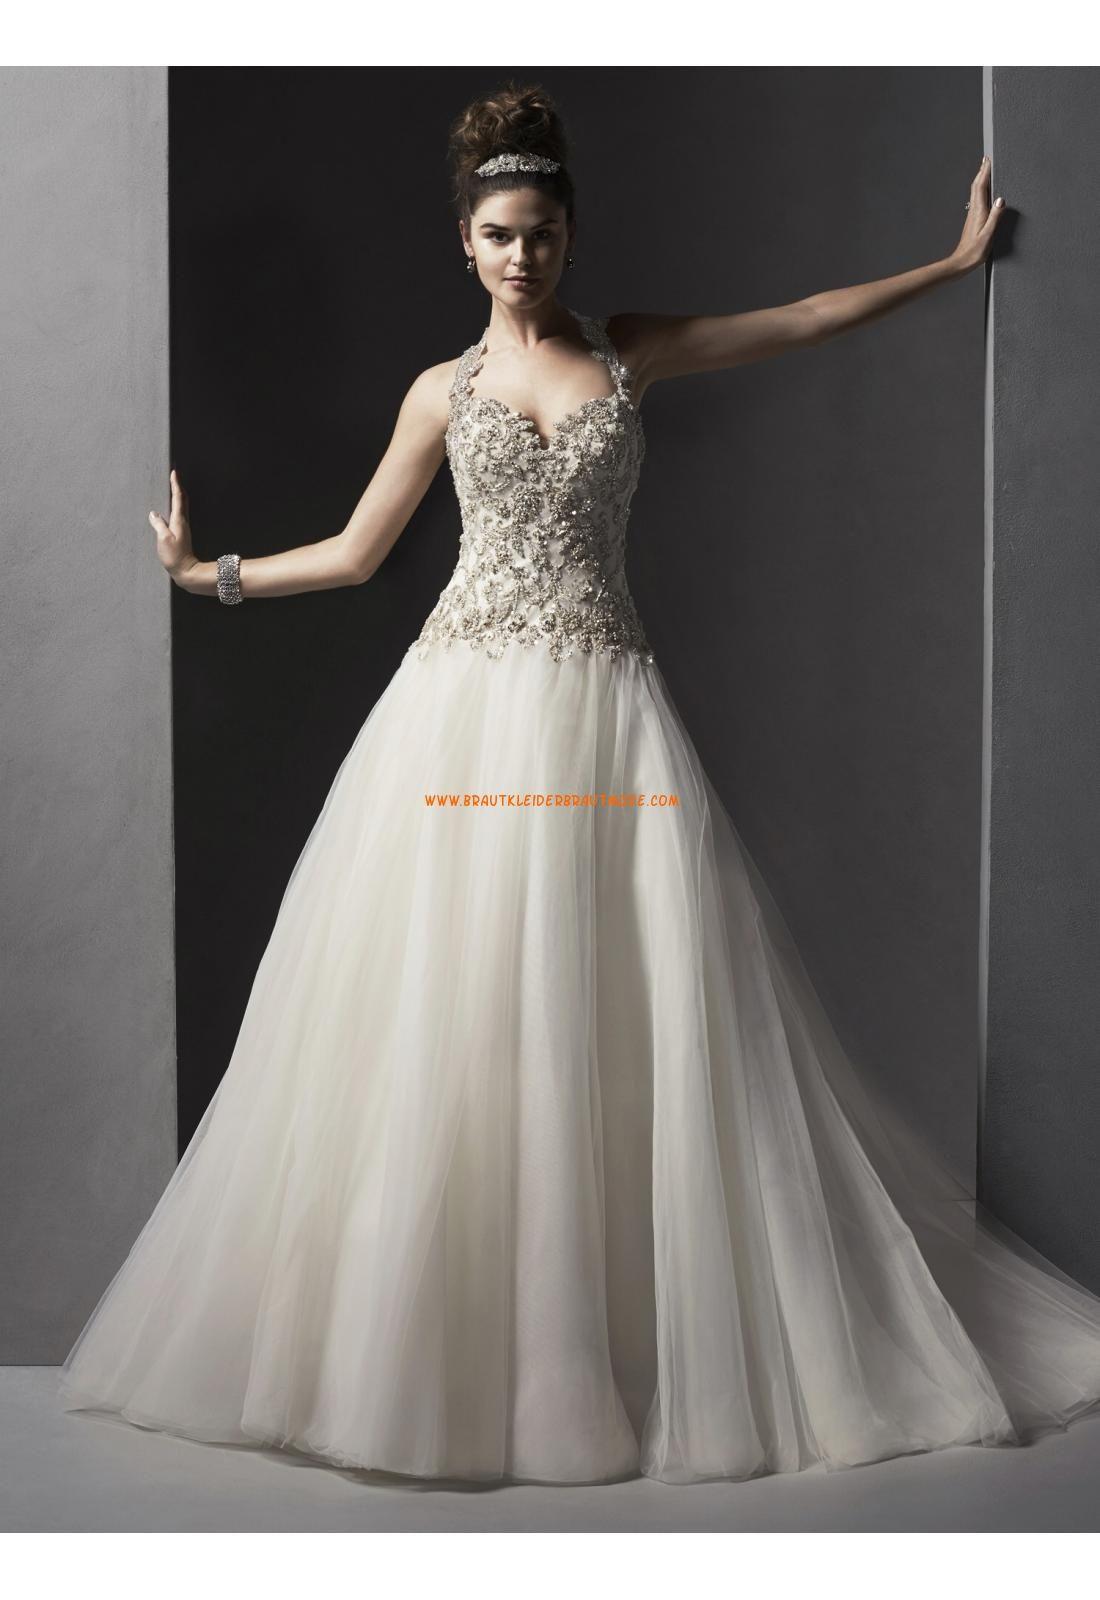 Cinderella Zilla Prinzessin Glamourose Designer Brautkleider Aus